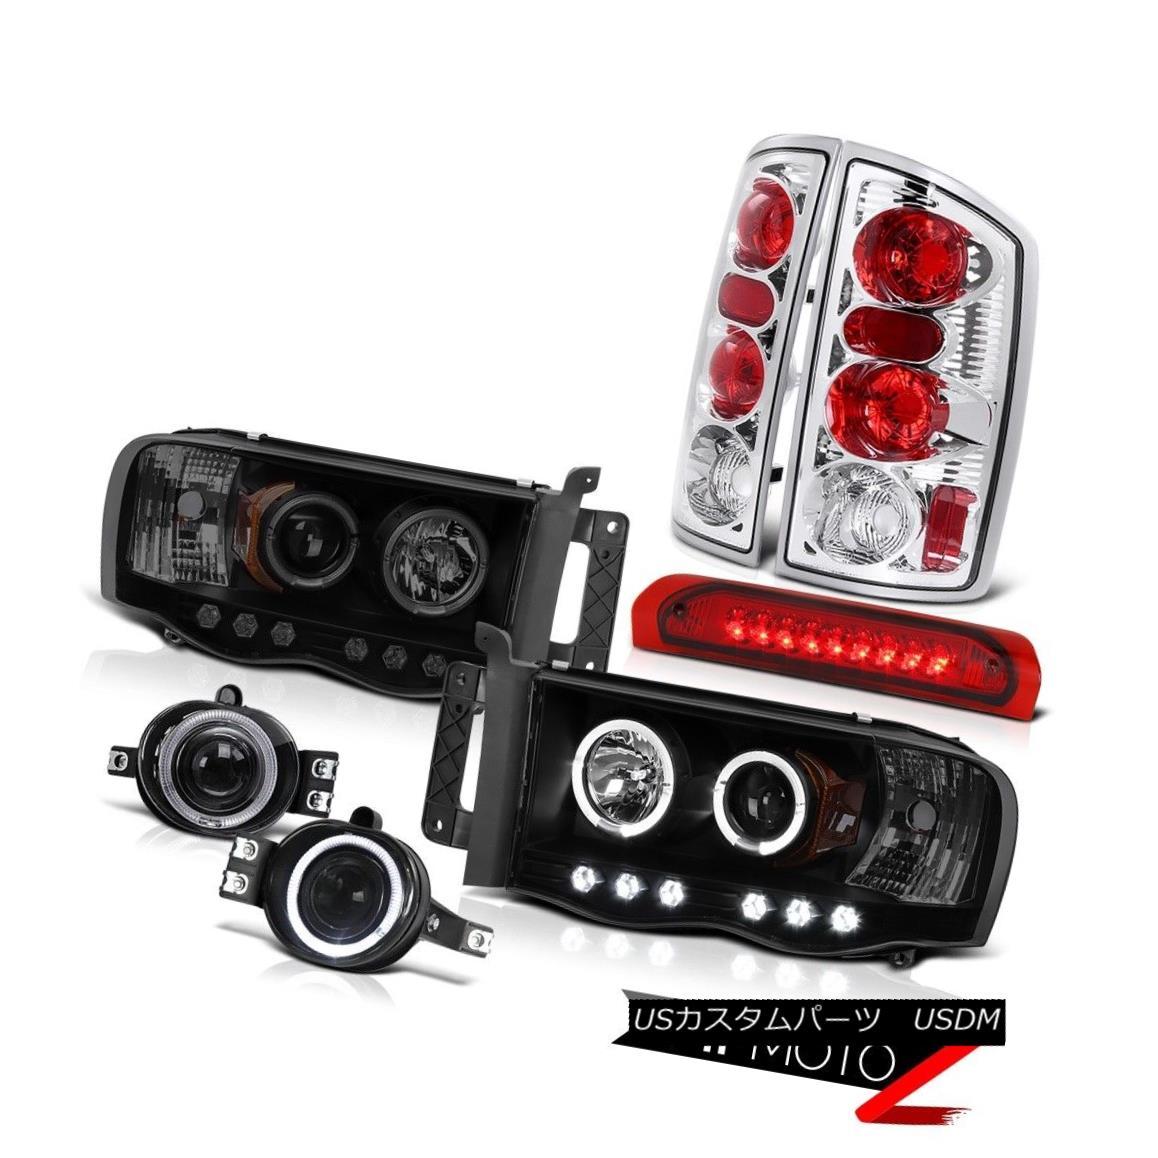 テールライト Ram Hemi 5.7L ST Angel Eye Headlights LED Red Clear Tail Fog Third Brake Lights Ram Hemi 5.7L STエンジェルアイヘッドライトLEDレッドクリアテールフォグ第3ブレーキライト